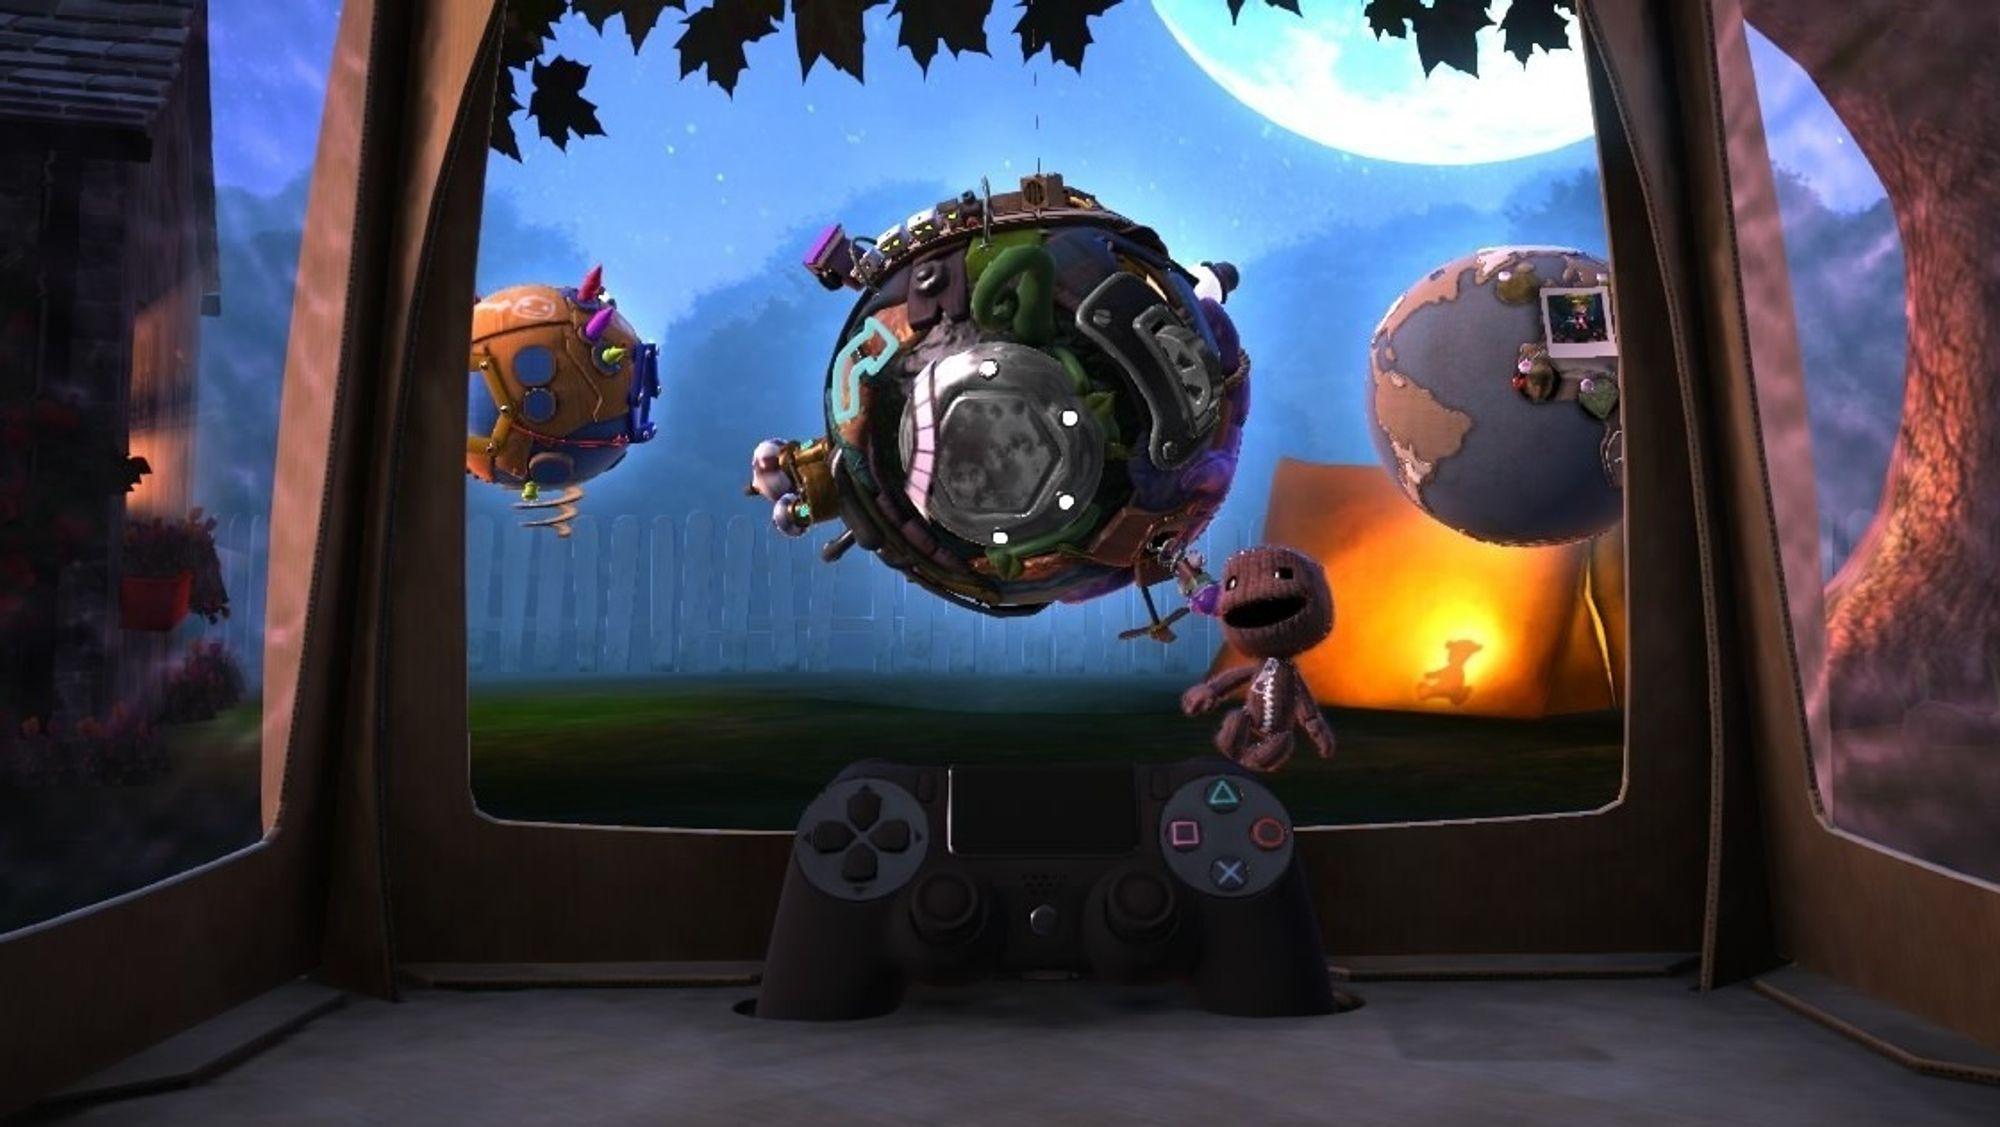 Les Se våre skjermbilder fra LittleBigPlanet 3